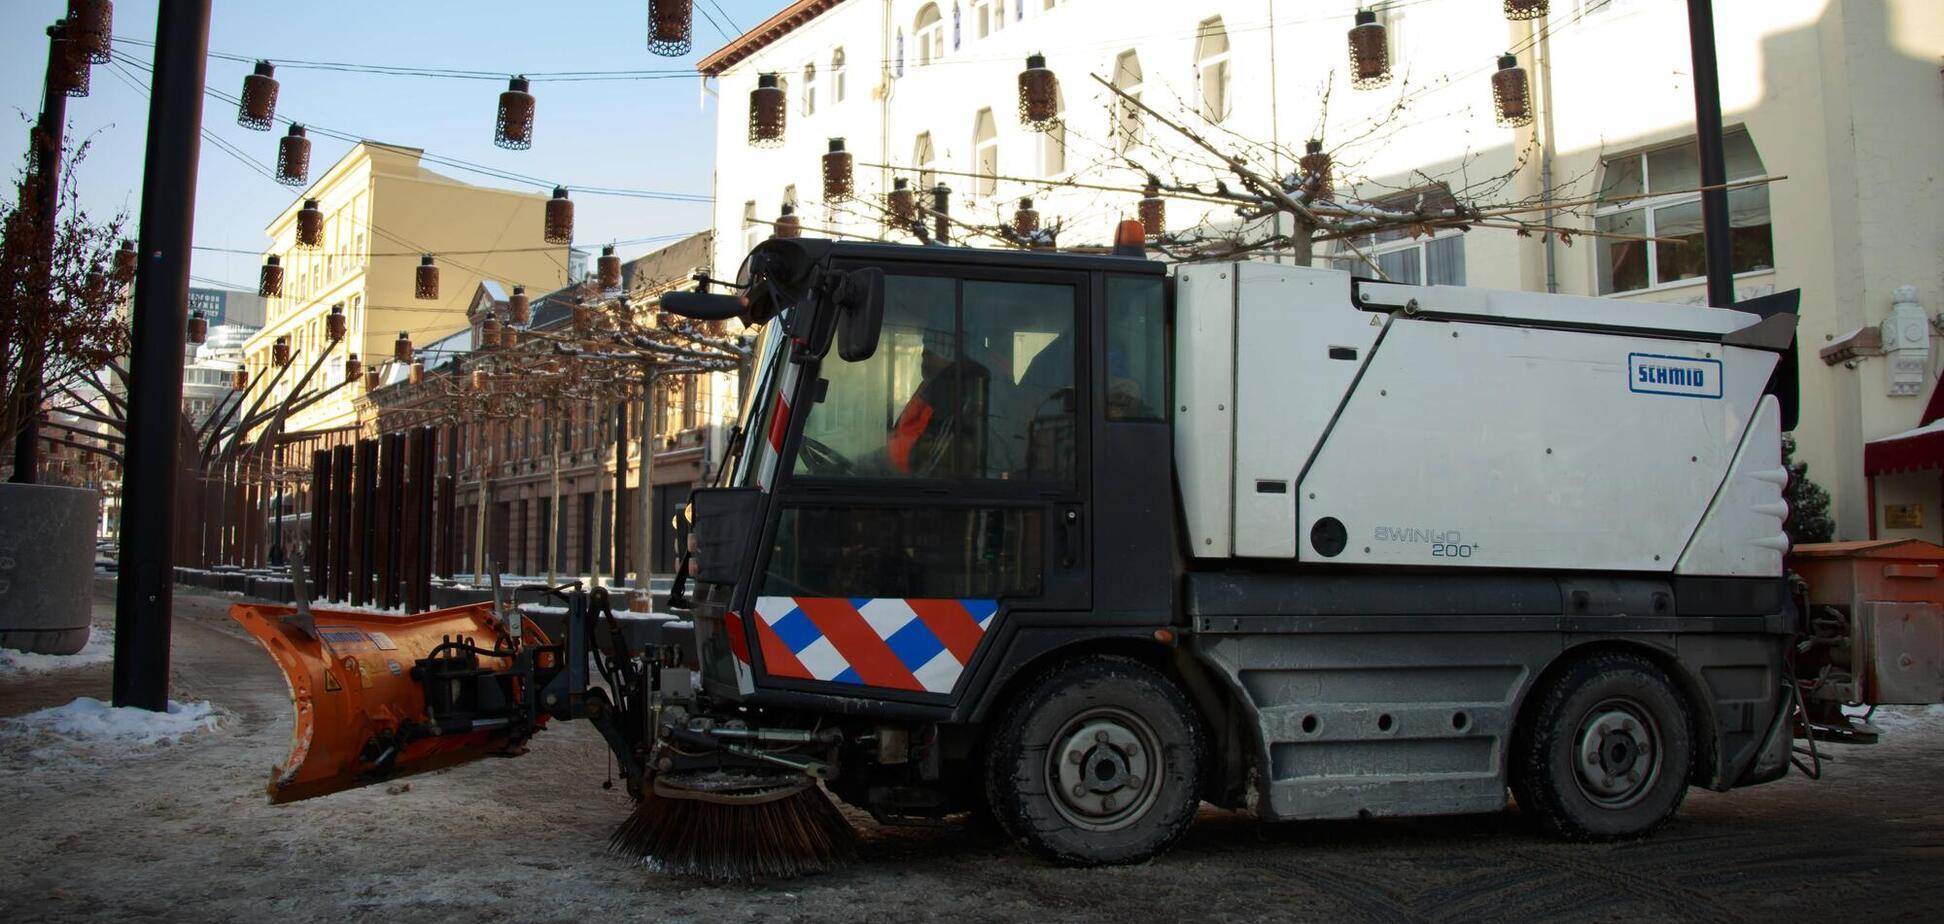 У Дніпрі для ліквідації наслідків циклону на міських магістралях працювало 119 одиниць спецтехніки